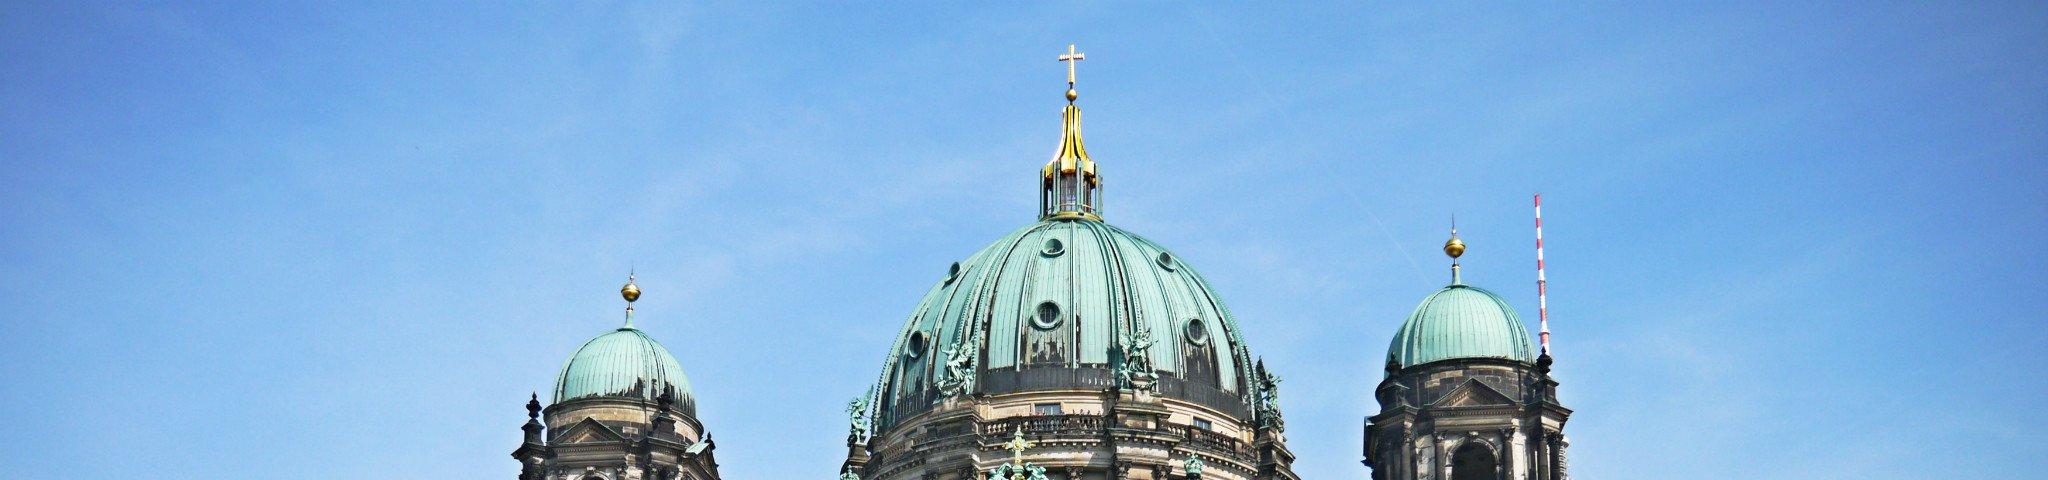 柏林三日:尽览城中之物